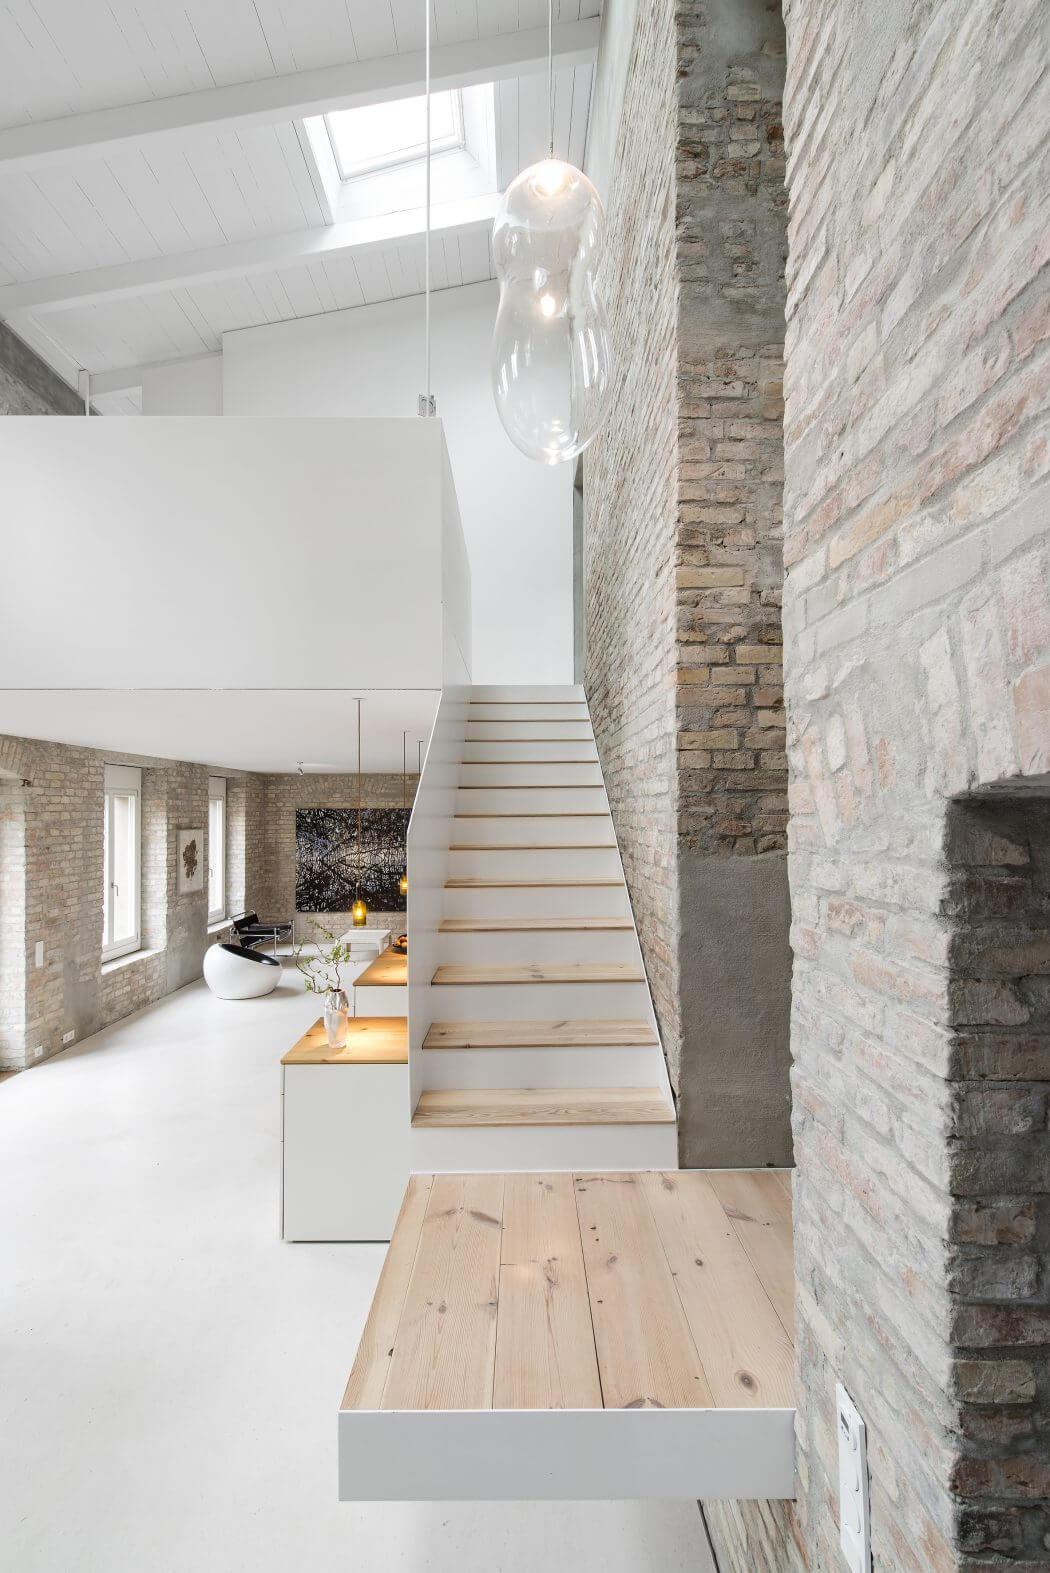 006-millers-house-asdfg-architekten-1050x1573